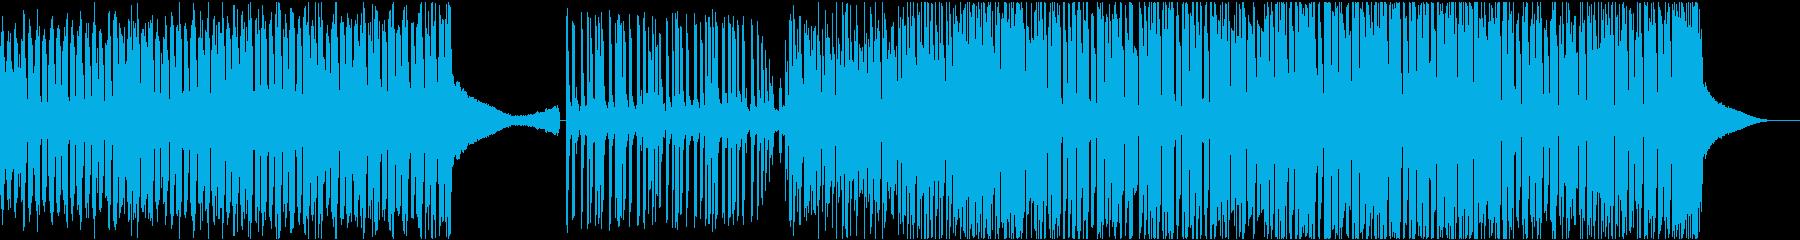 テーマパークっぽいEDMの再生済みの波形